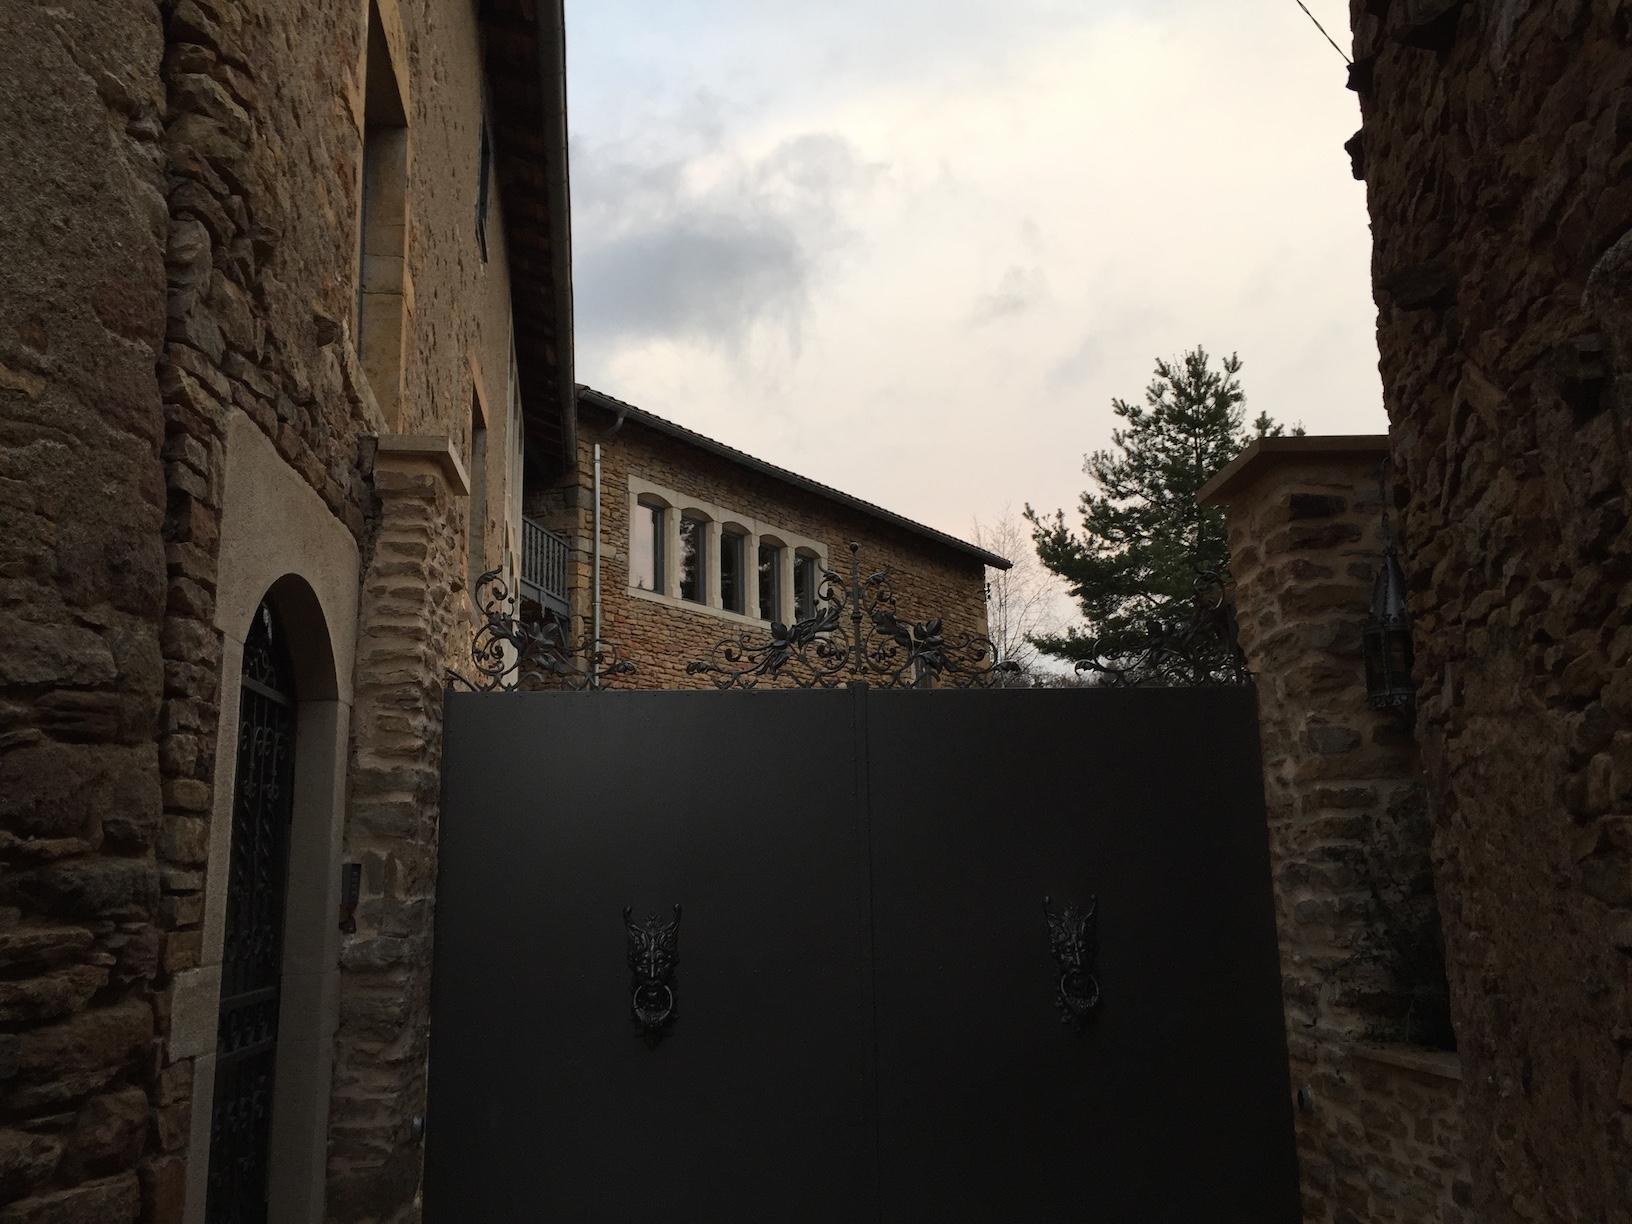 Décoration par notre client d'un portail en fer forgé à partir de notre gamme de pièces détachées : décors -  Localisation Ain